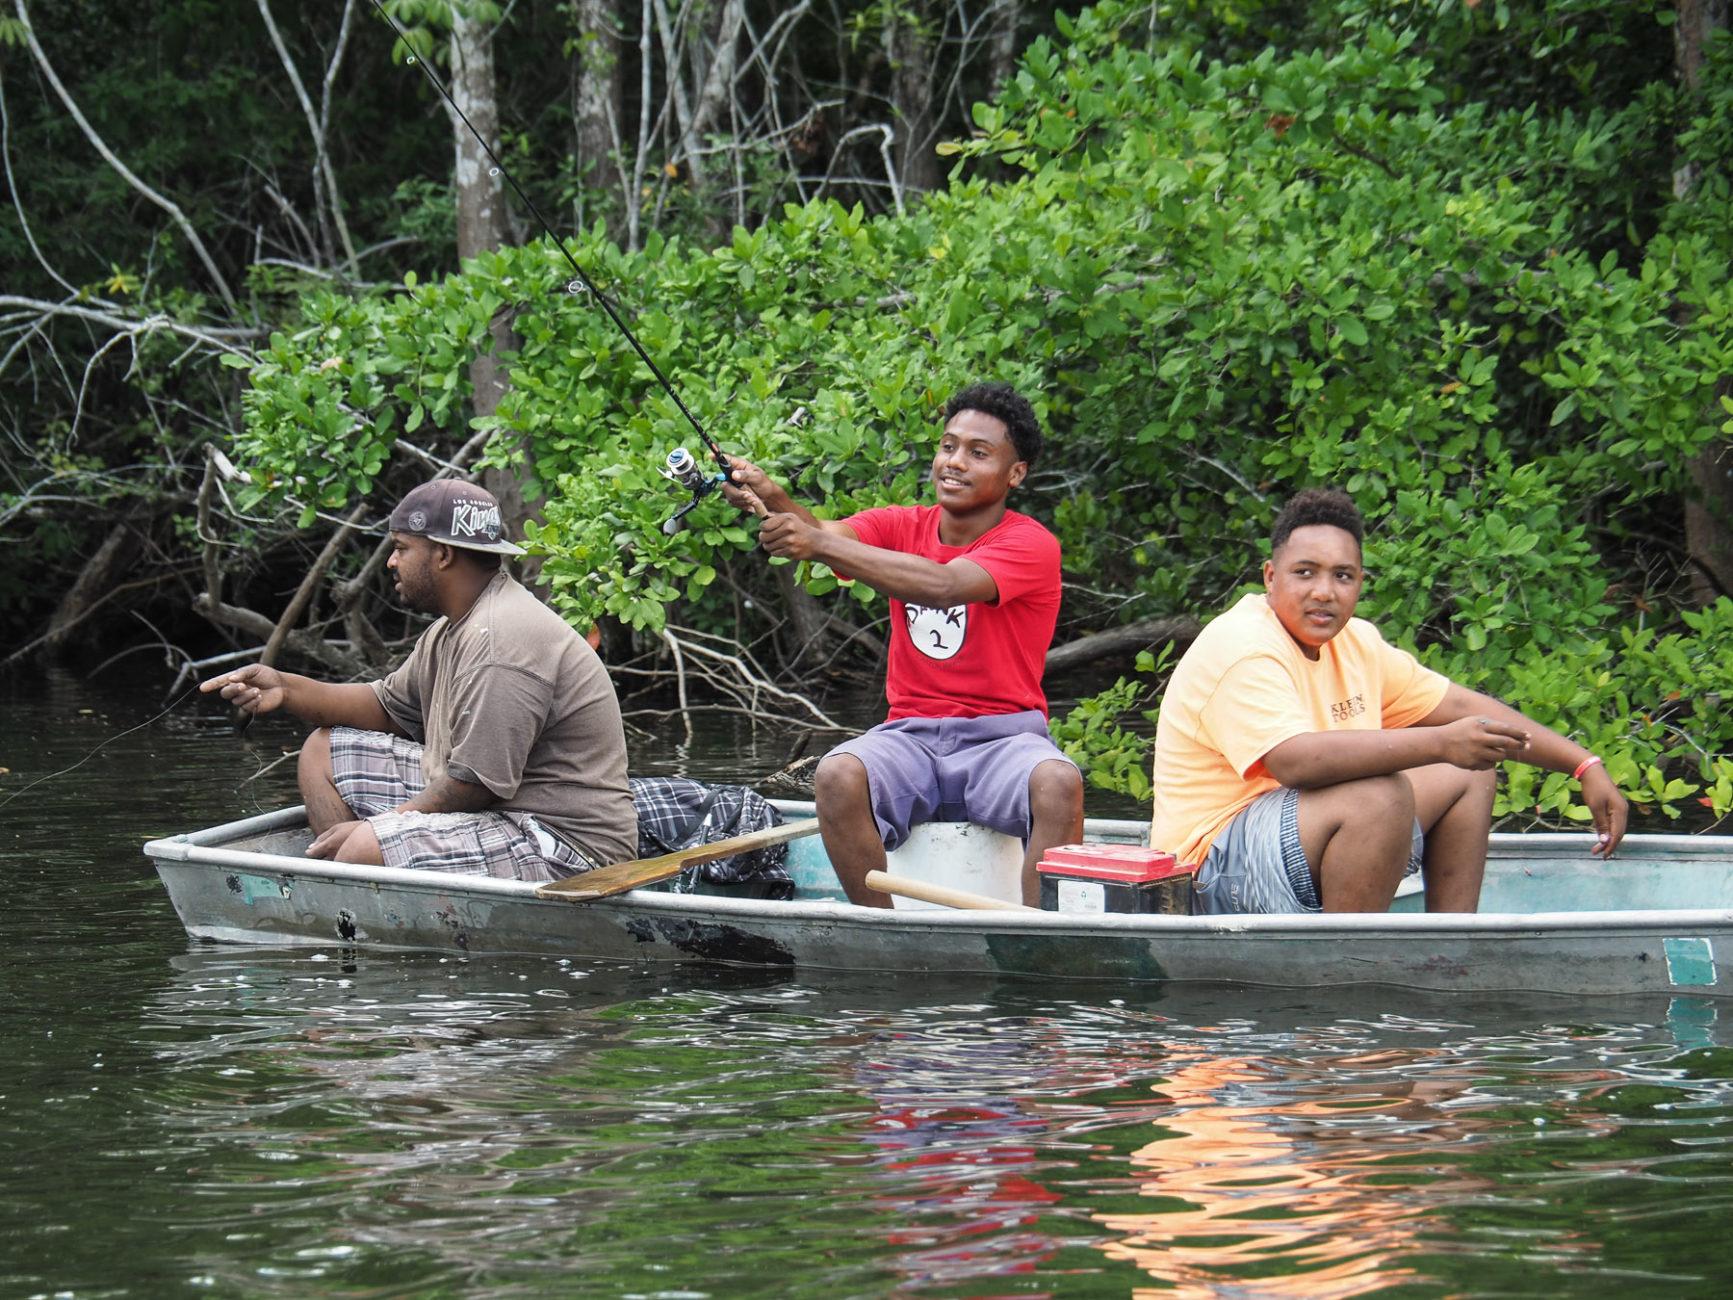 Begegnung auf der Bootsfahrt zu den Ruinen Lamanai